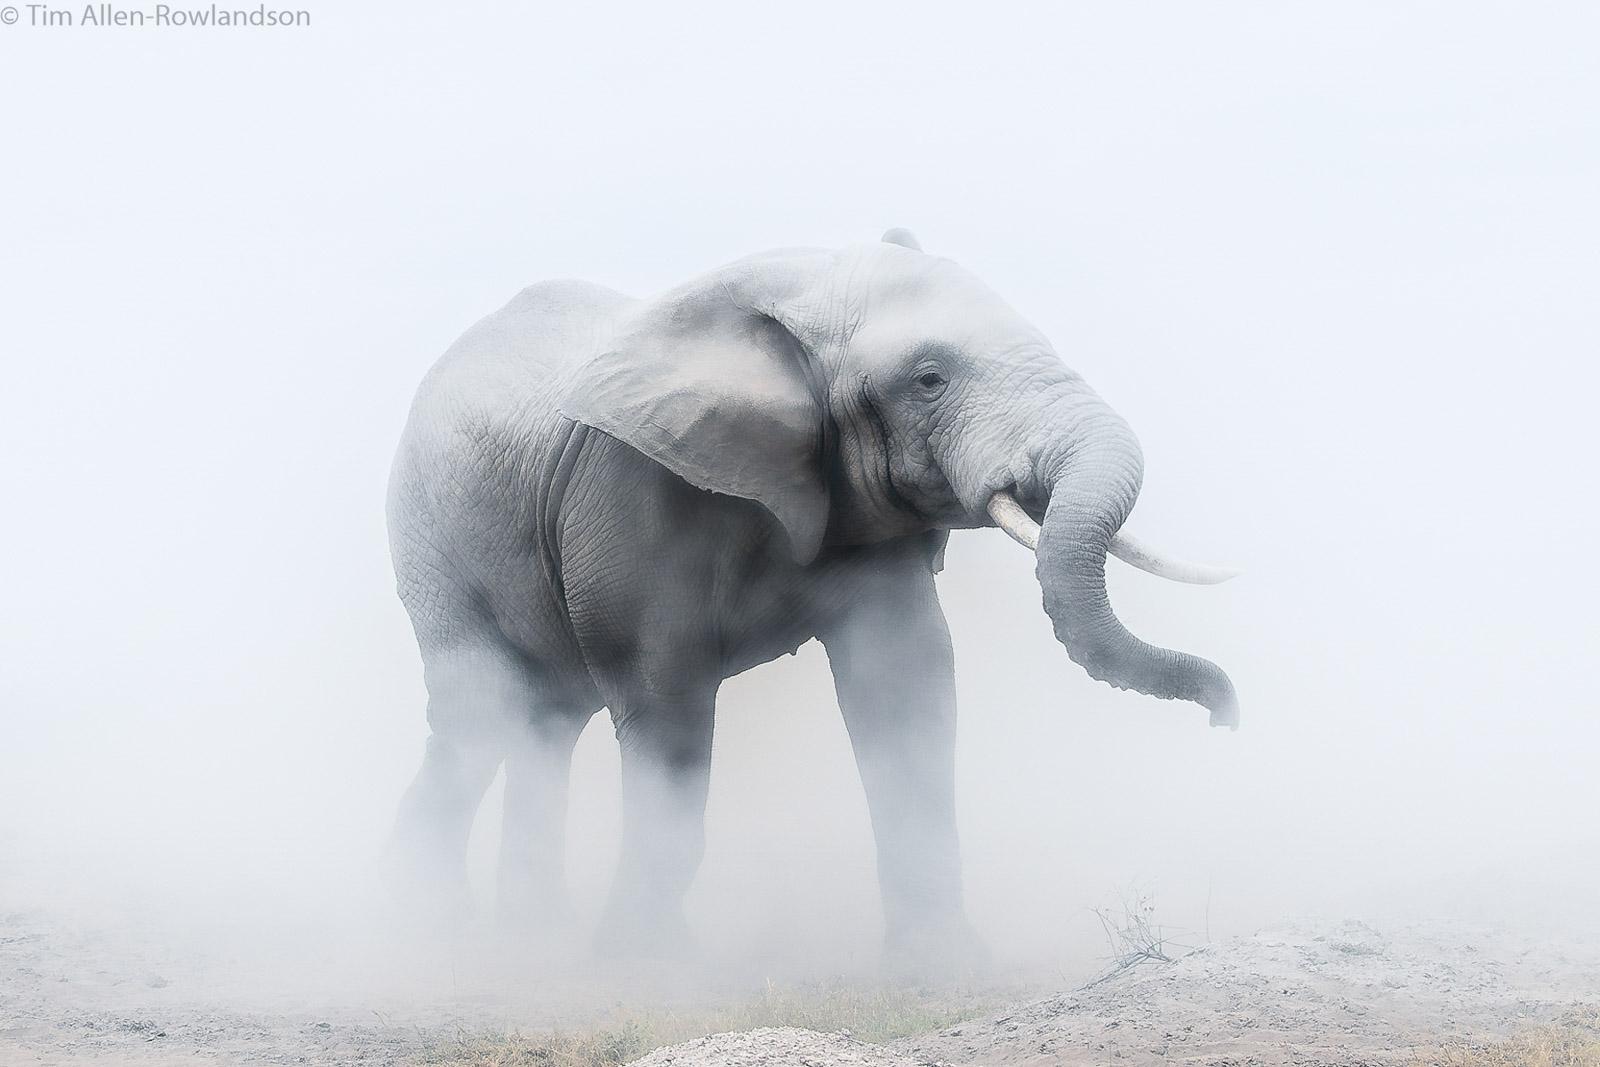 Last member of a herd of elephants, clouded in fine dust, Amboseli